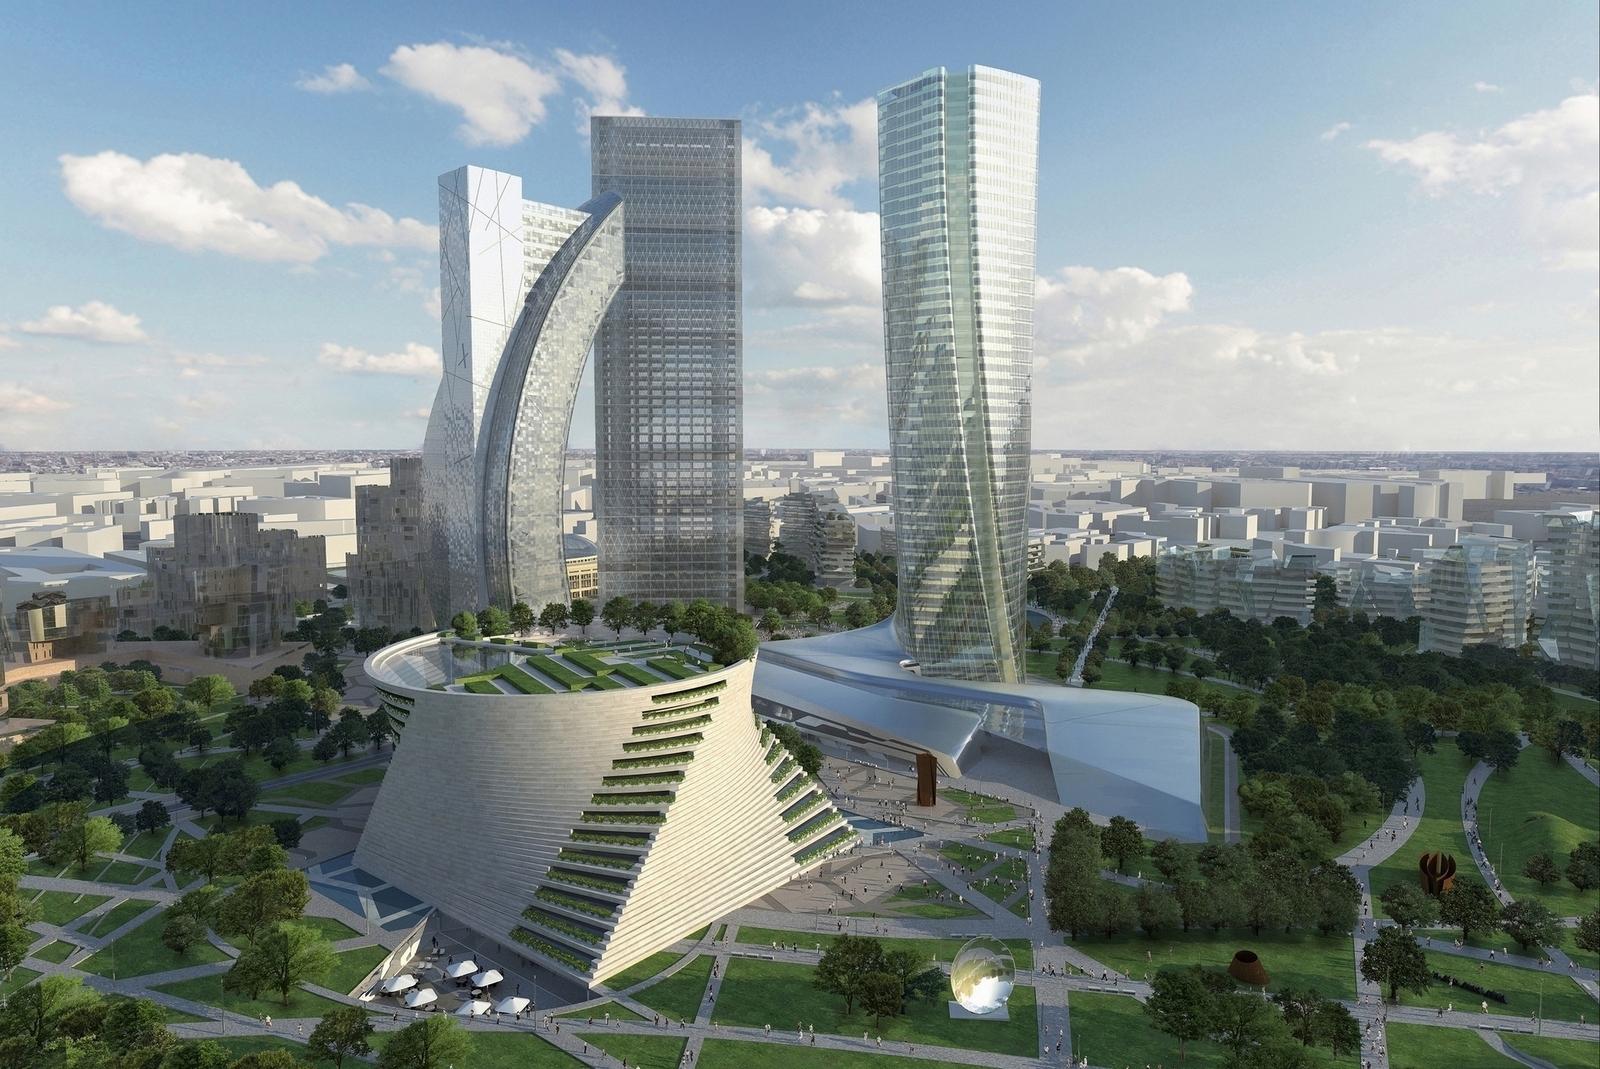 Citylife generali sposter a milano anche gli uffici di for Nuovo design del paesaggio inghilterra